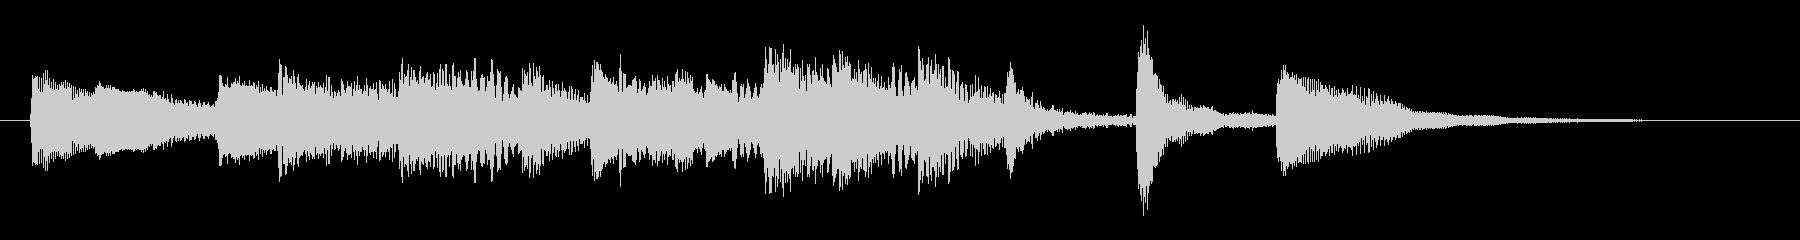 クラシック調モーツァルト風ピアノジングルの未再生の波形